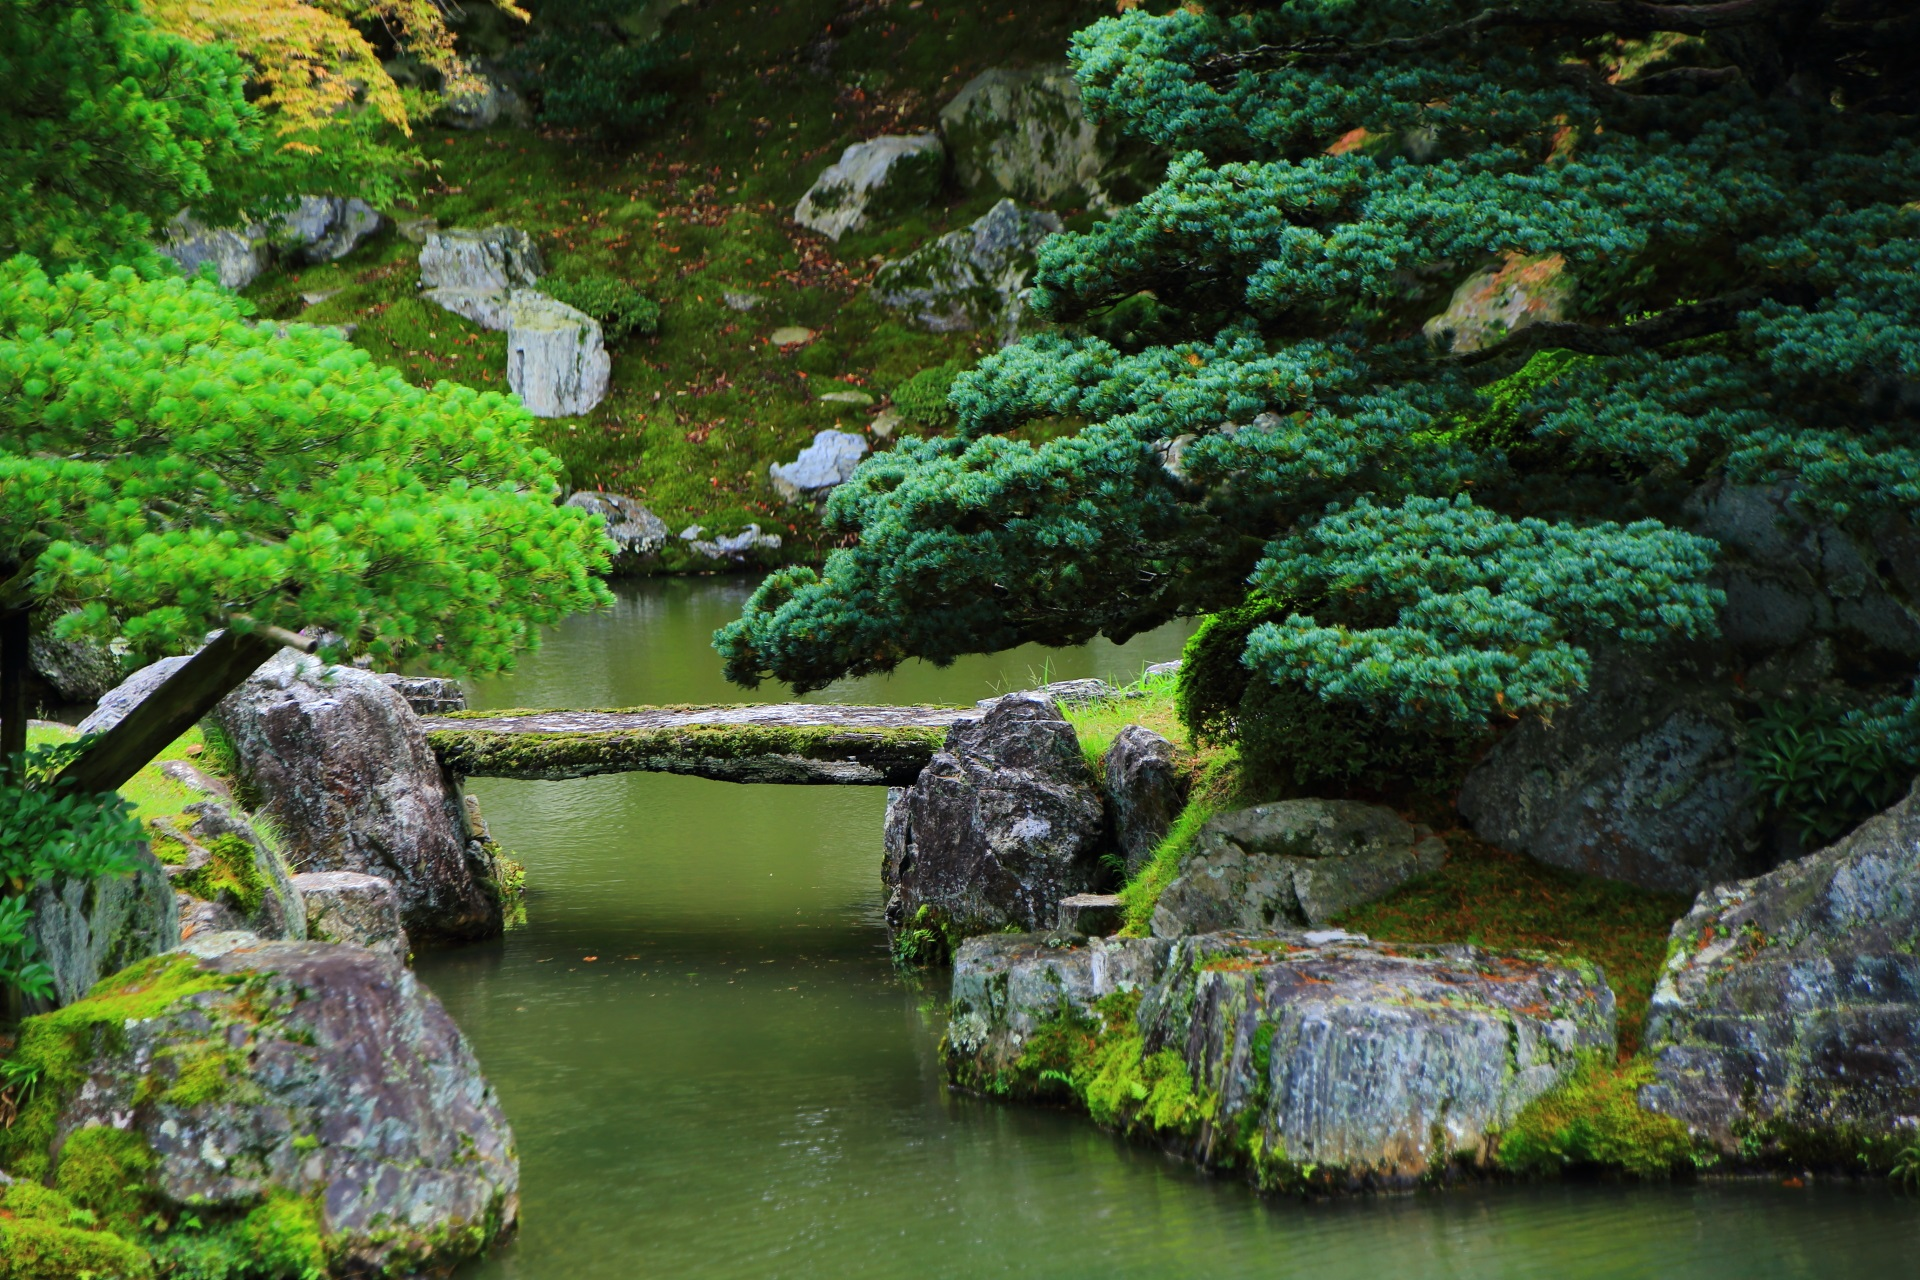 鶴島の五葉松と鶴の首とされる石橋